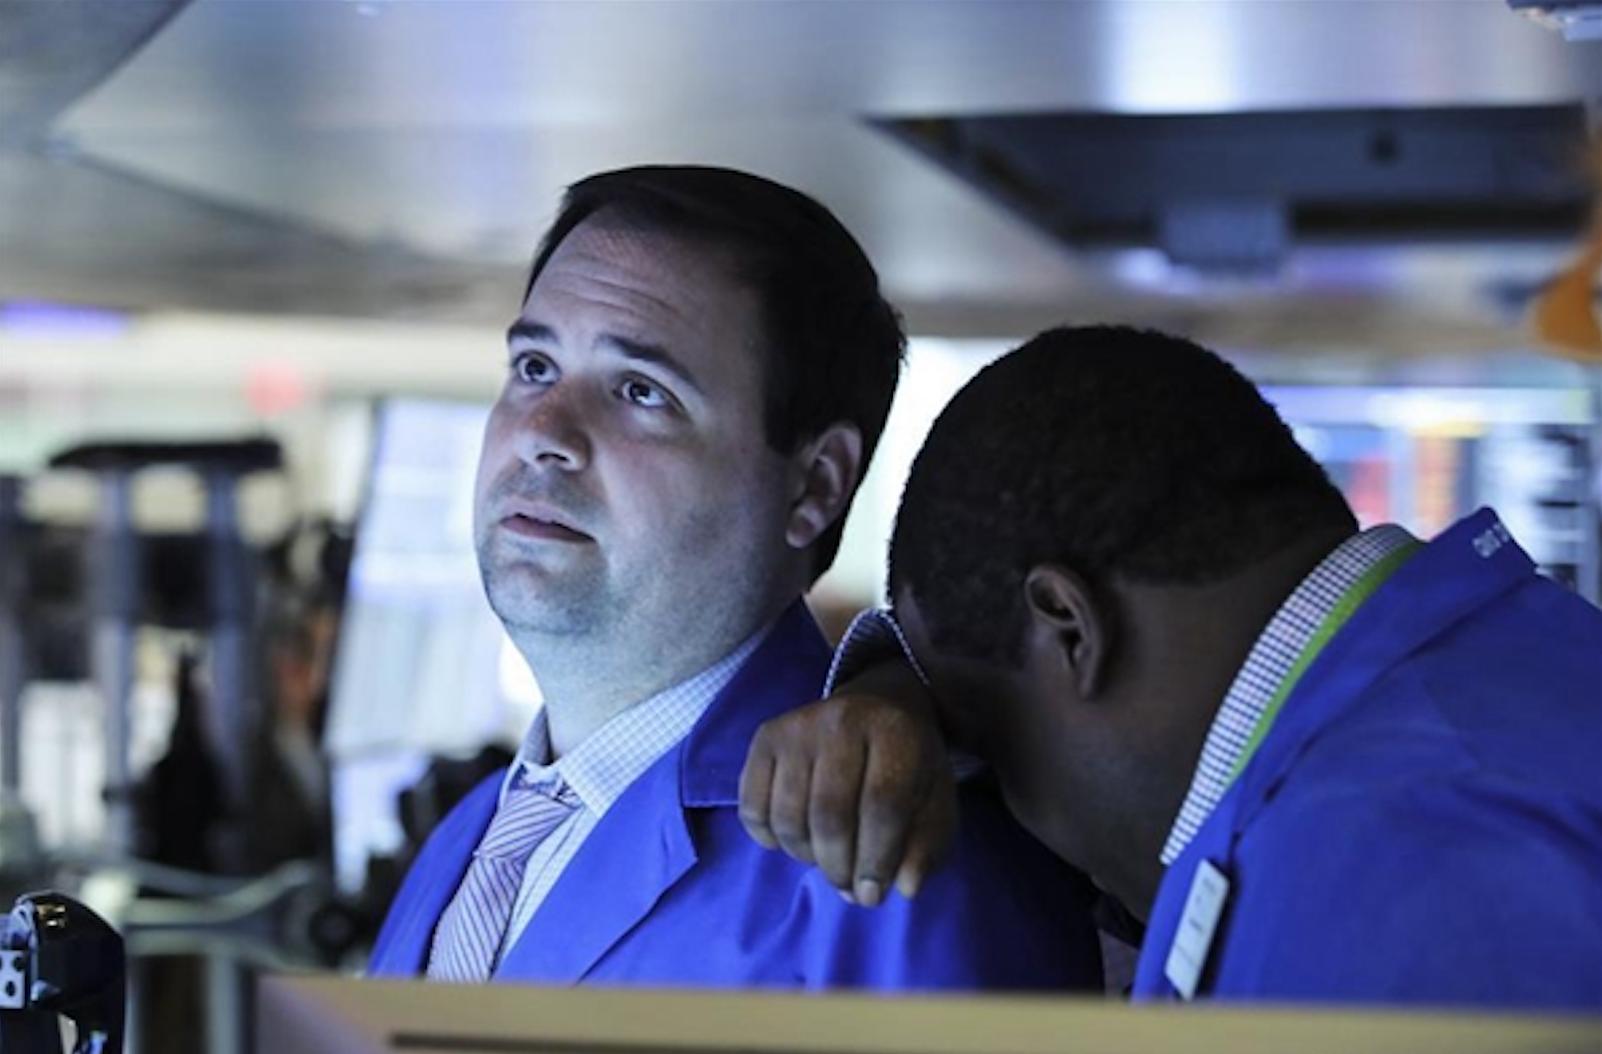 US stocks tumble, resuming selloff on virus fears